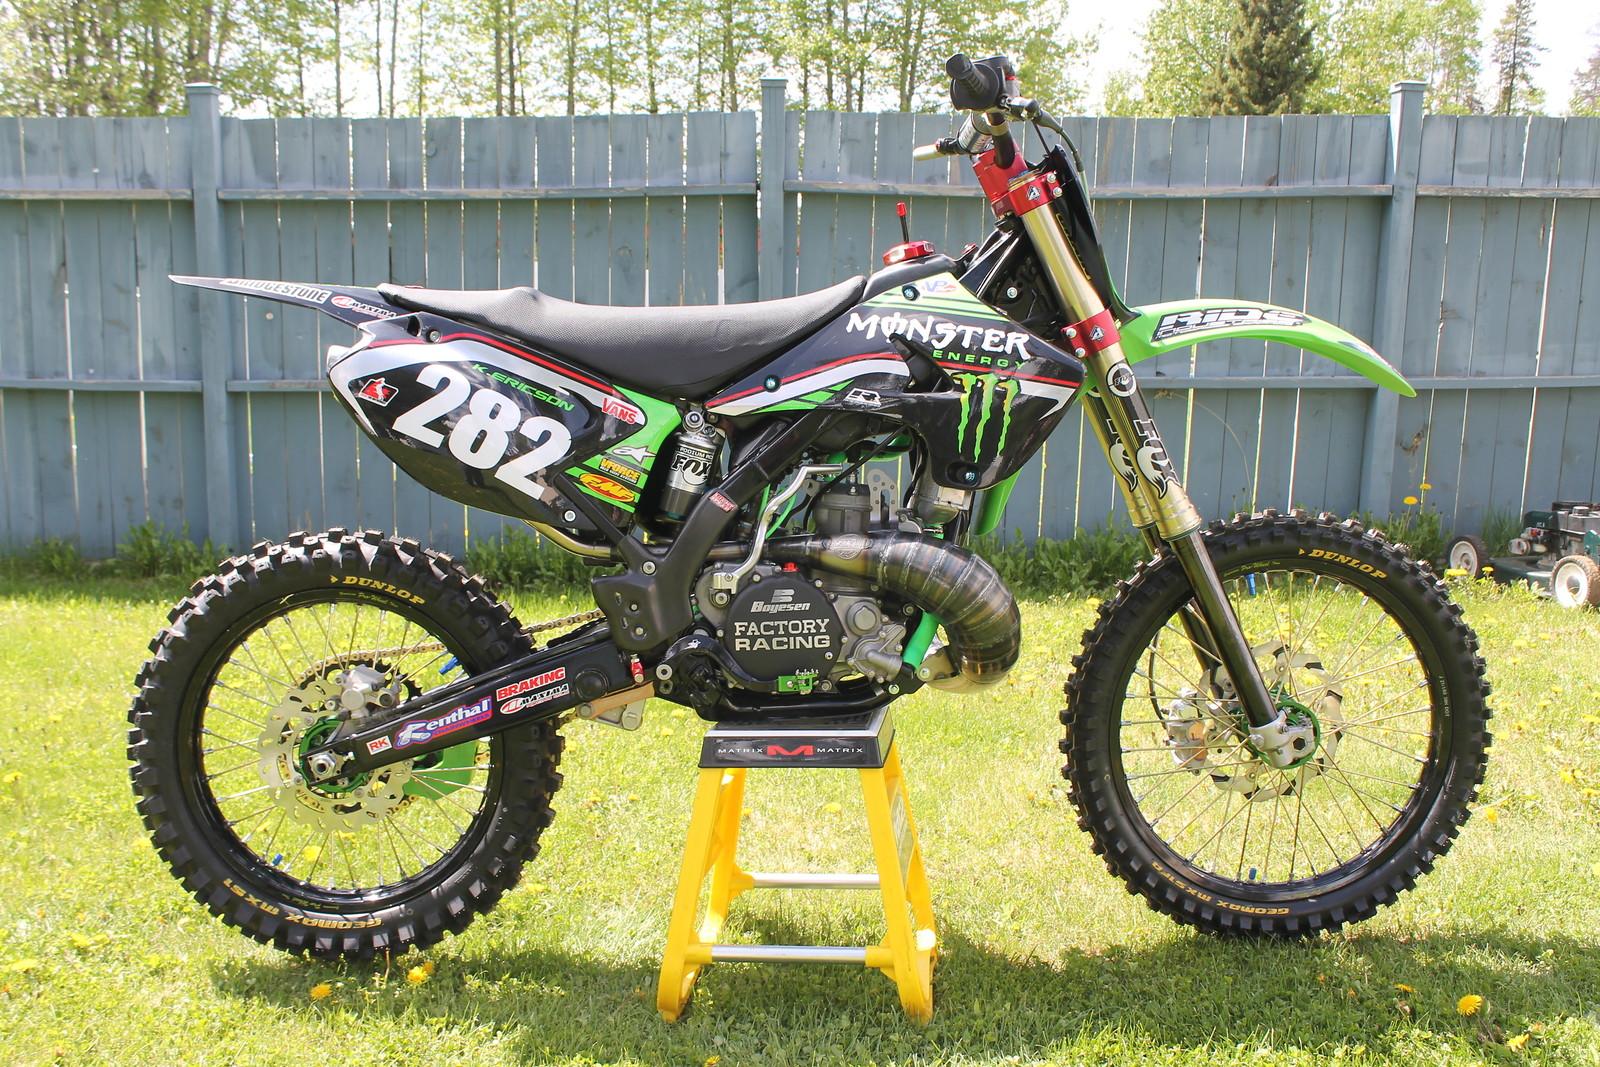 2007 KX 250 CANADA'S NICEST KX TWO STROKE - bcsnake's Bike Check ...